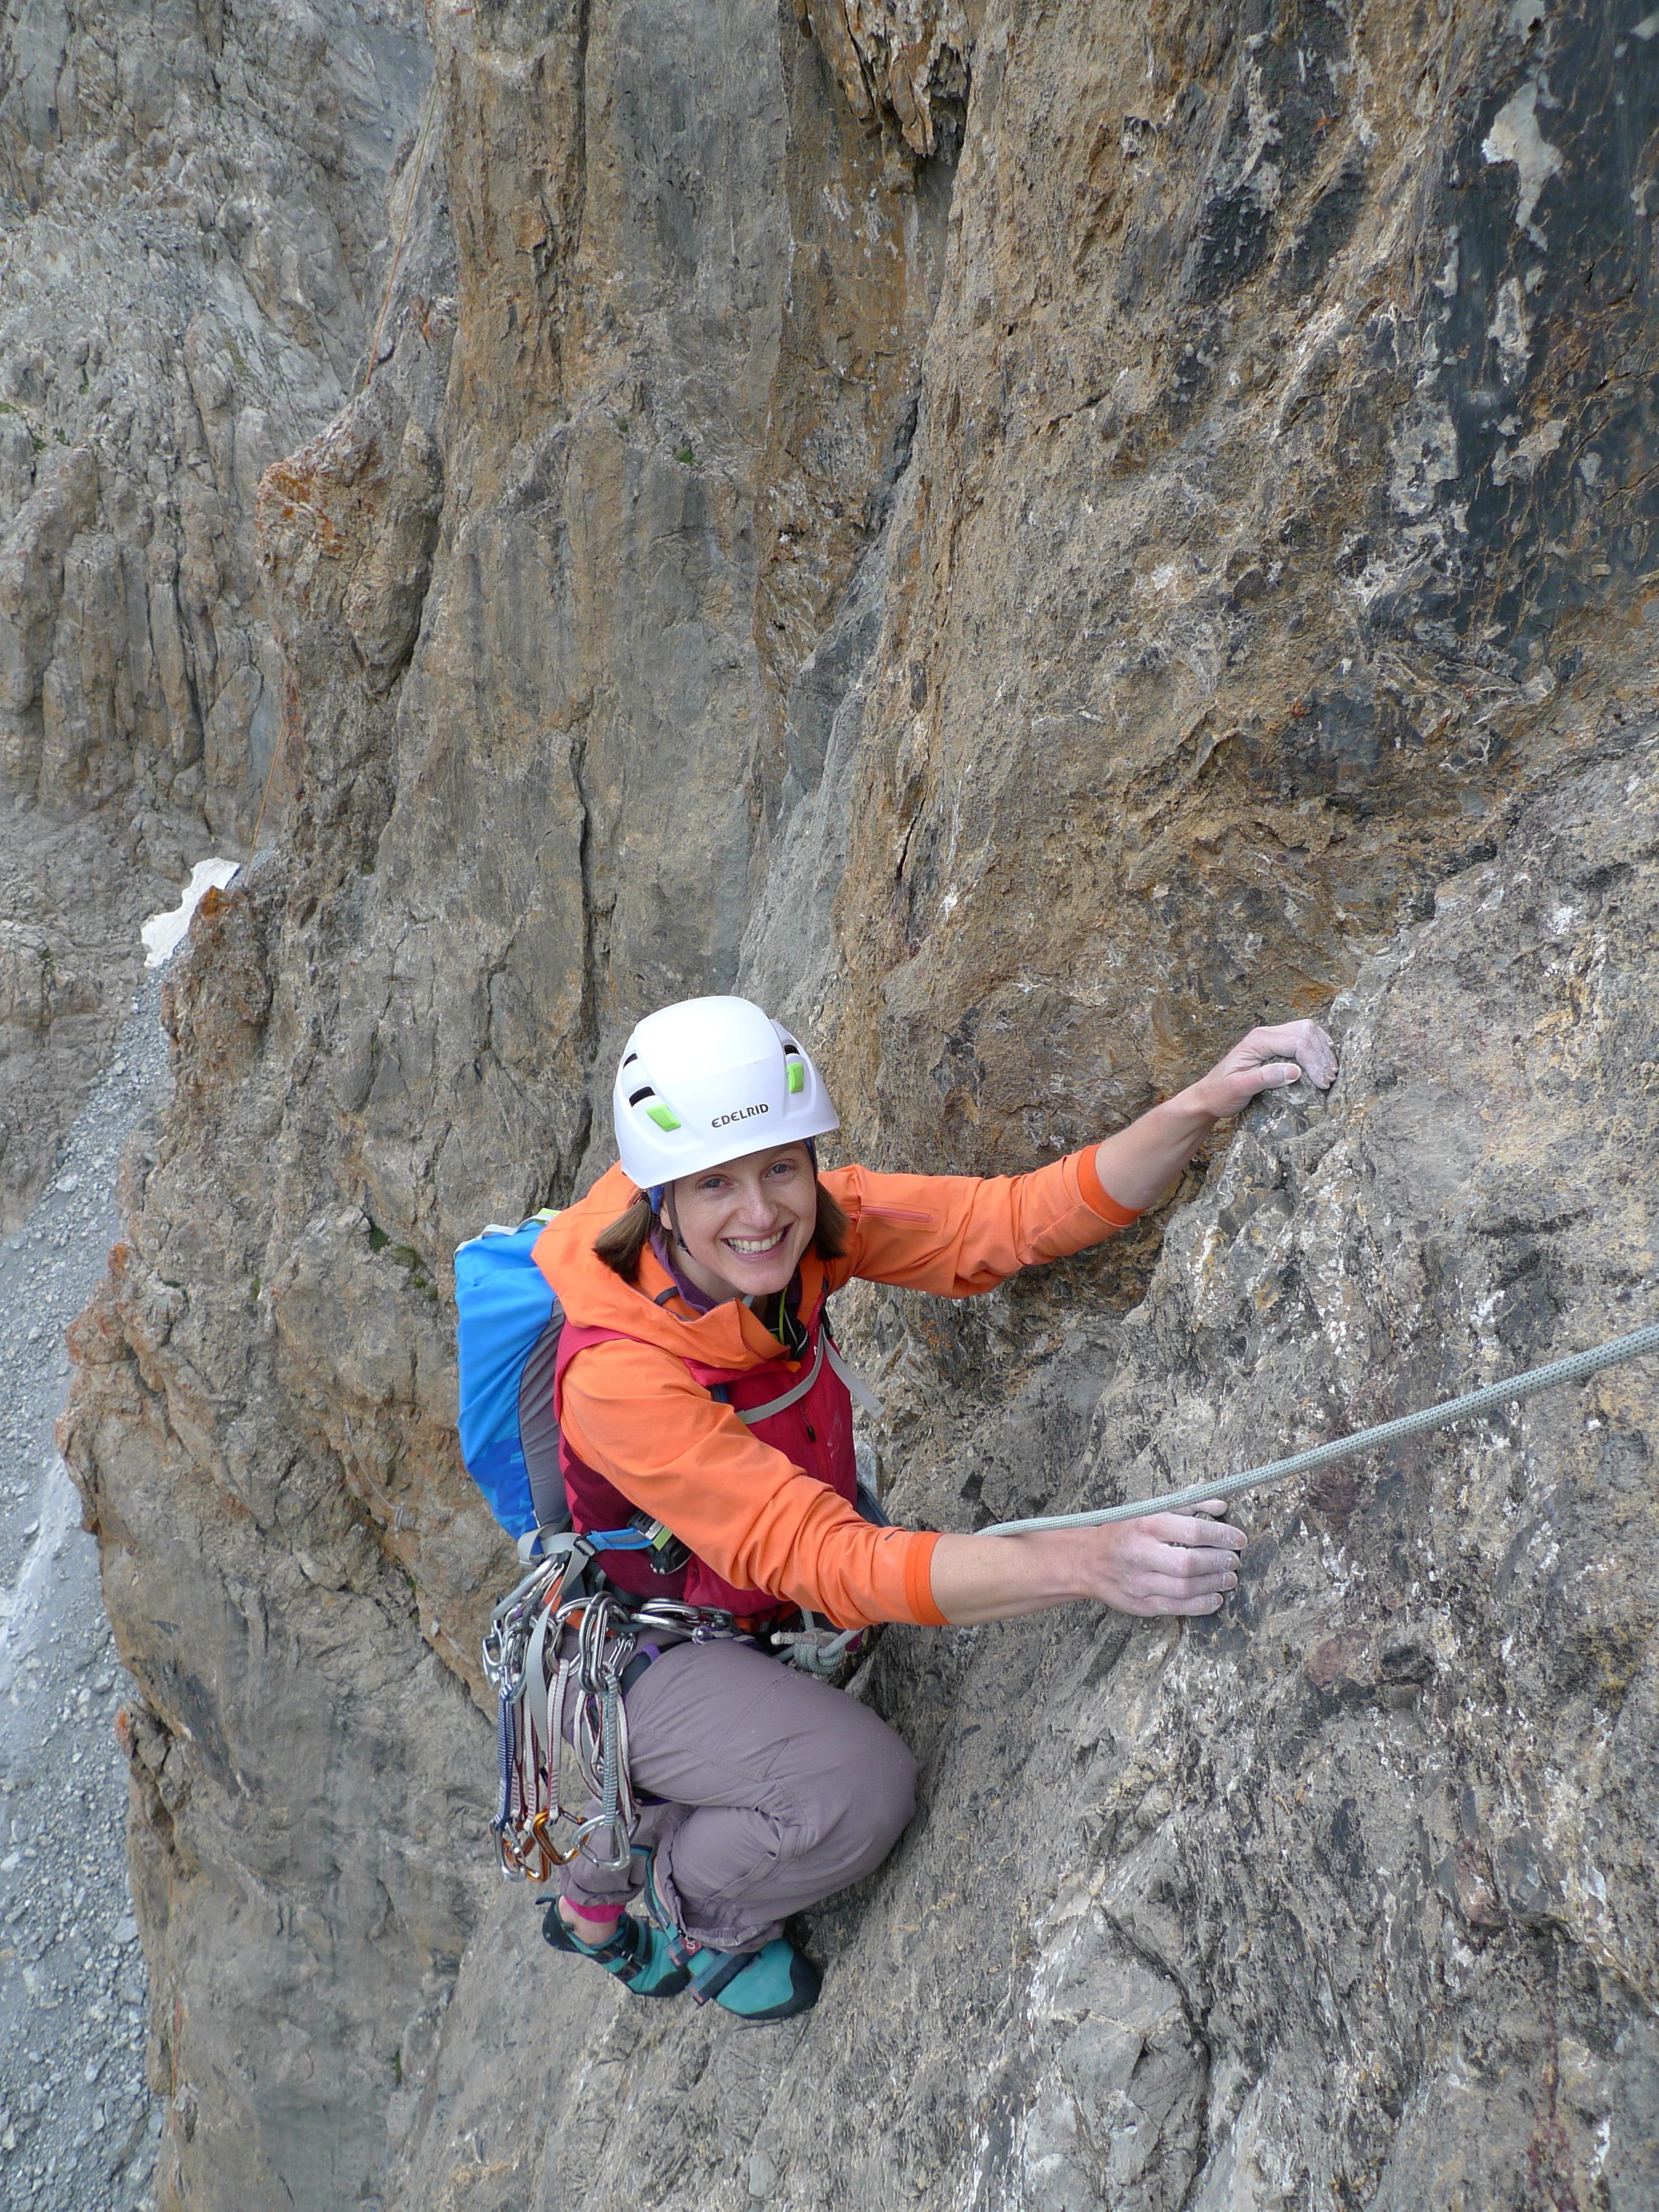 DMM Puma 2 Women s Climbing Harness – Climbing Gear Review ... 5a8e522269